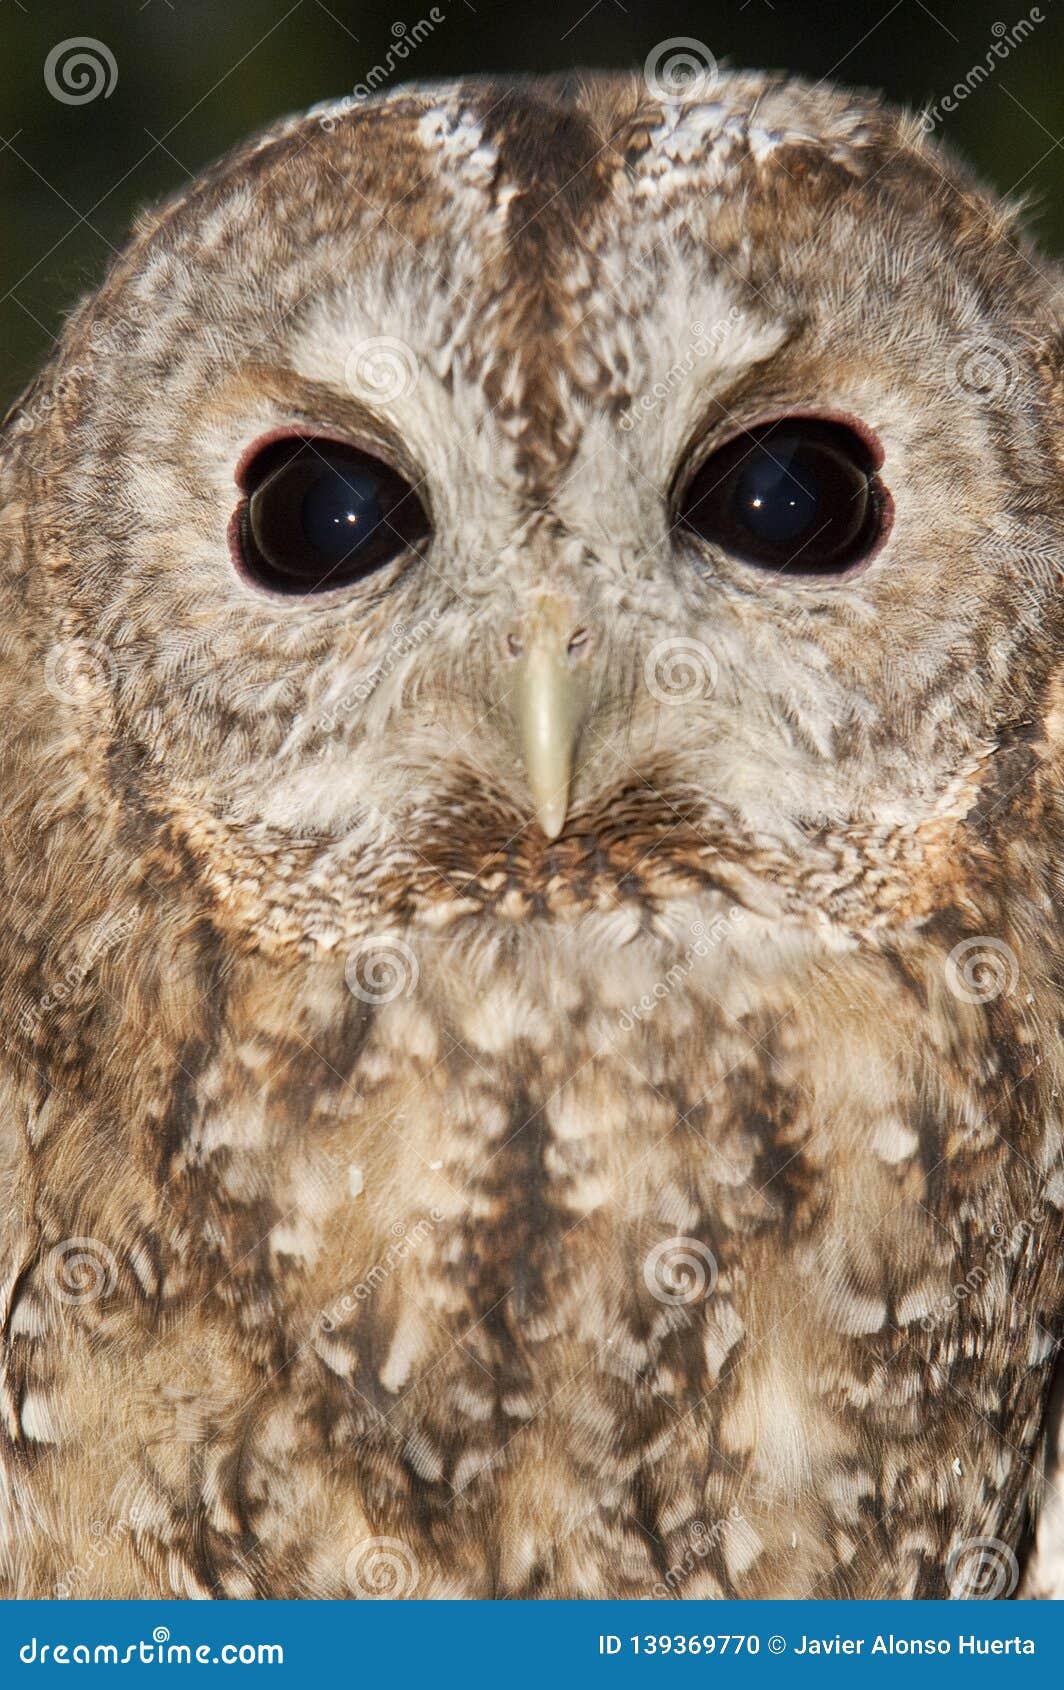 A Tawny owl, Strix aluco